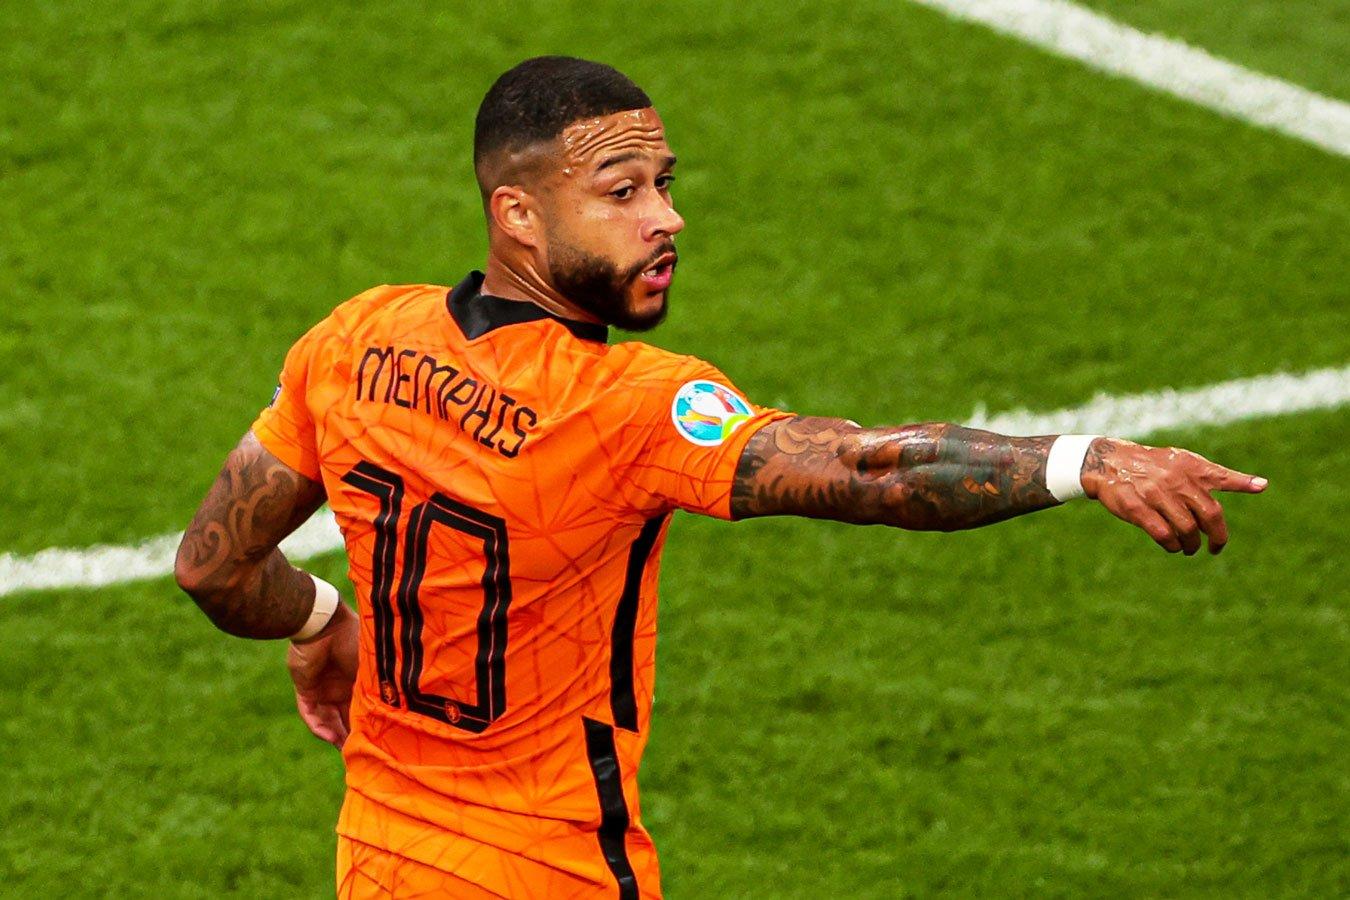 Нидерланды — Чехия: прямая трансляция матча 1/8 финала Евро-2020 на Первом канале